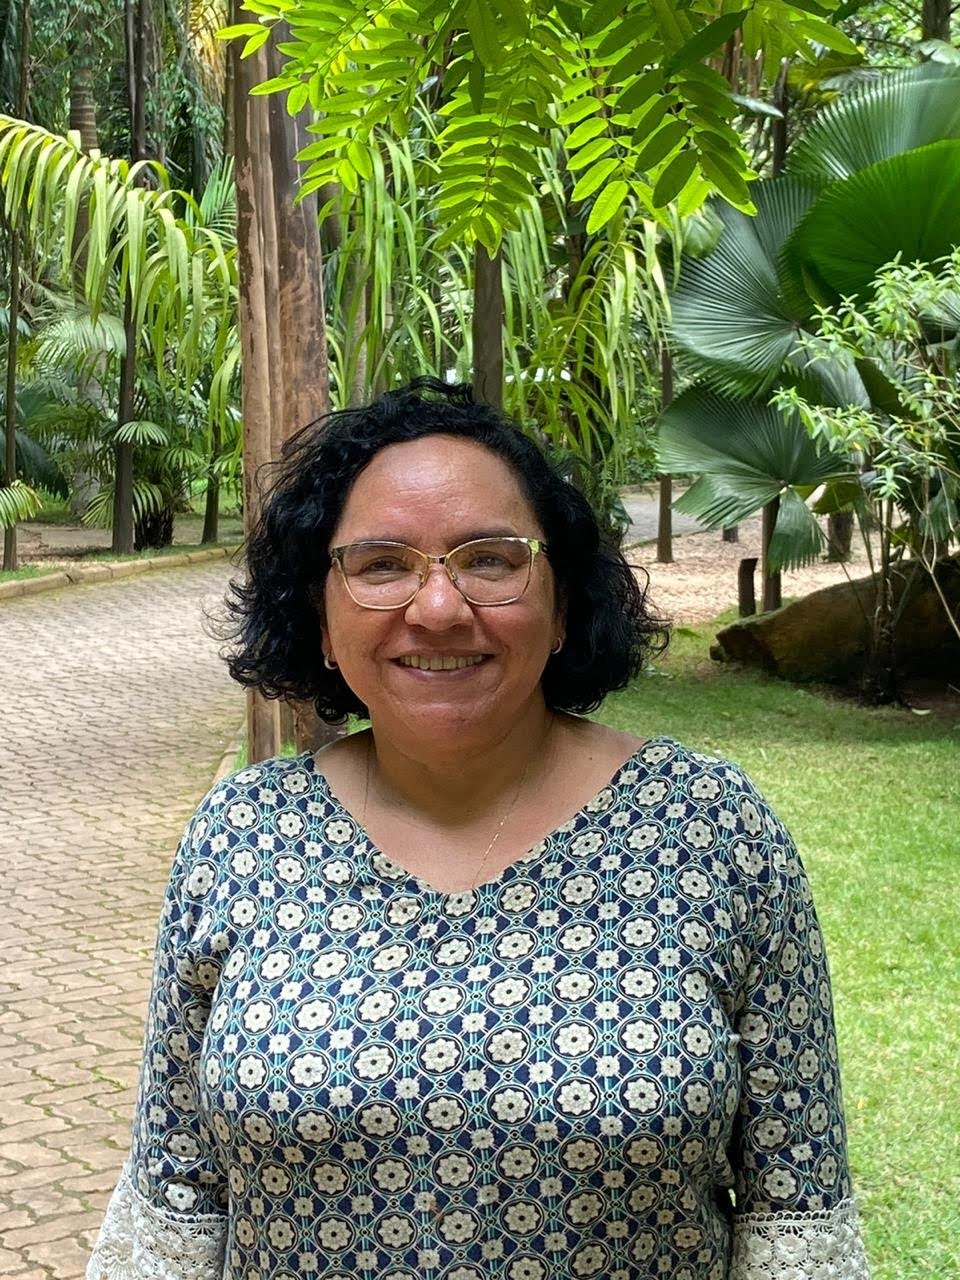 Professora Silvia Cruz - Imagem: divulgação.